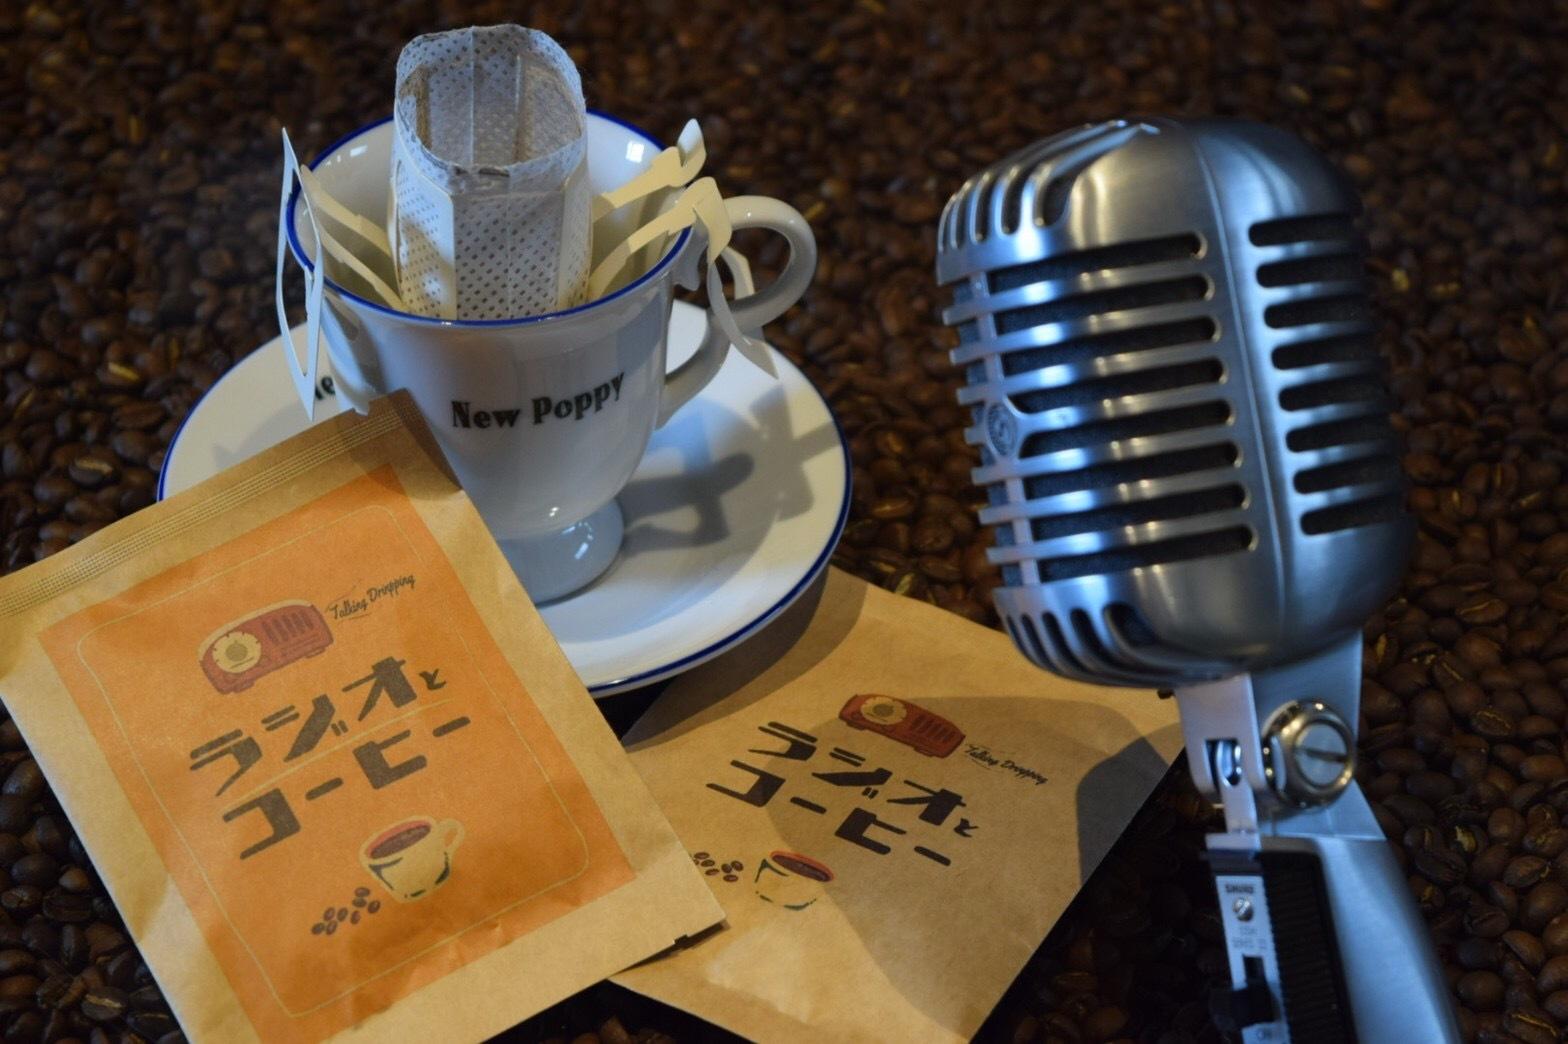 【15パック入】 ラジオとコーヒーブレンド ドリップパック 「ヘビーリスナーセット」